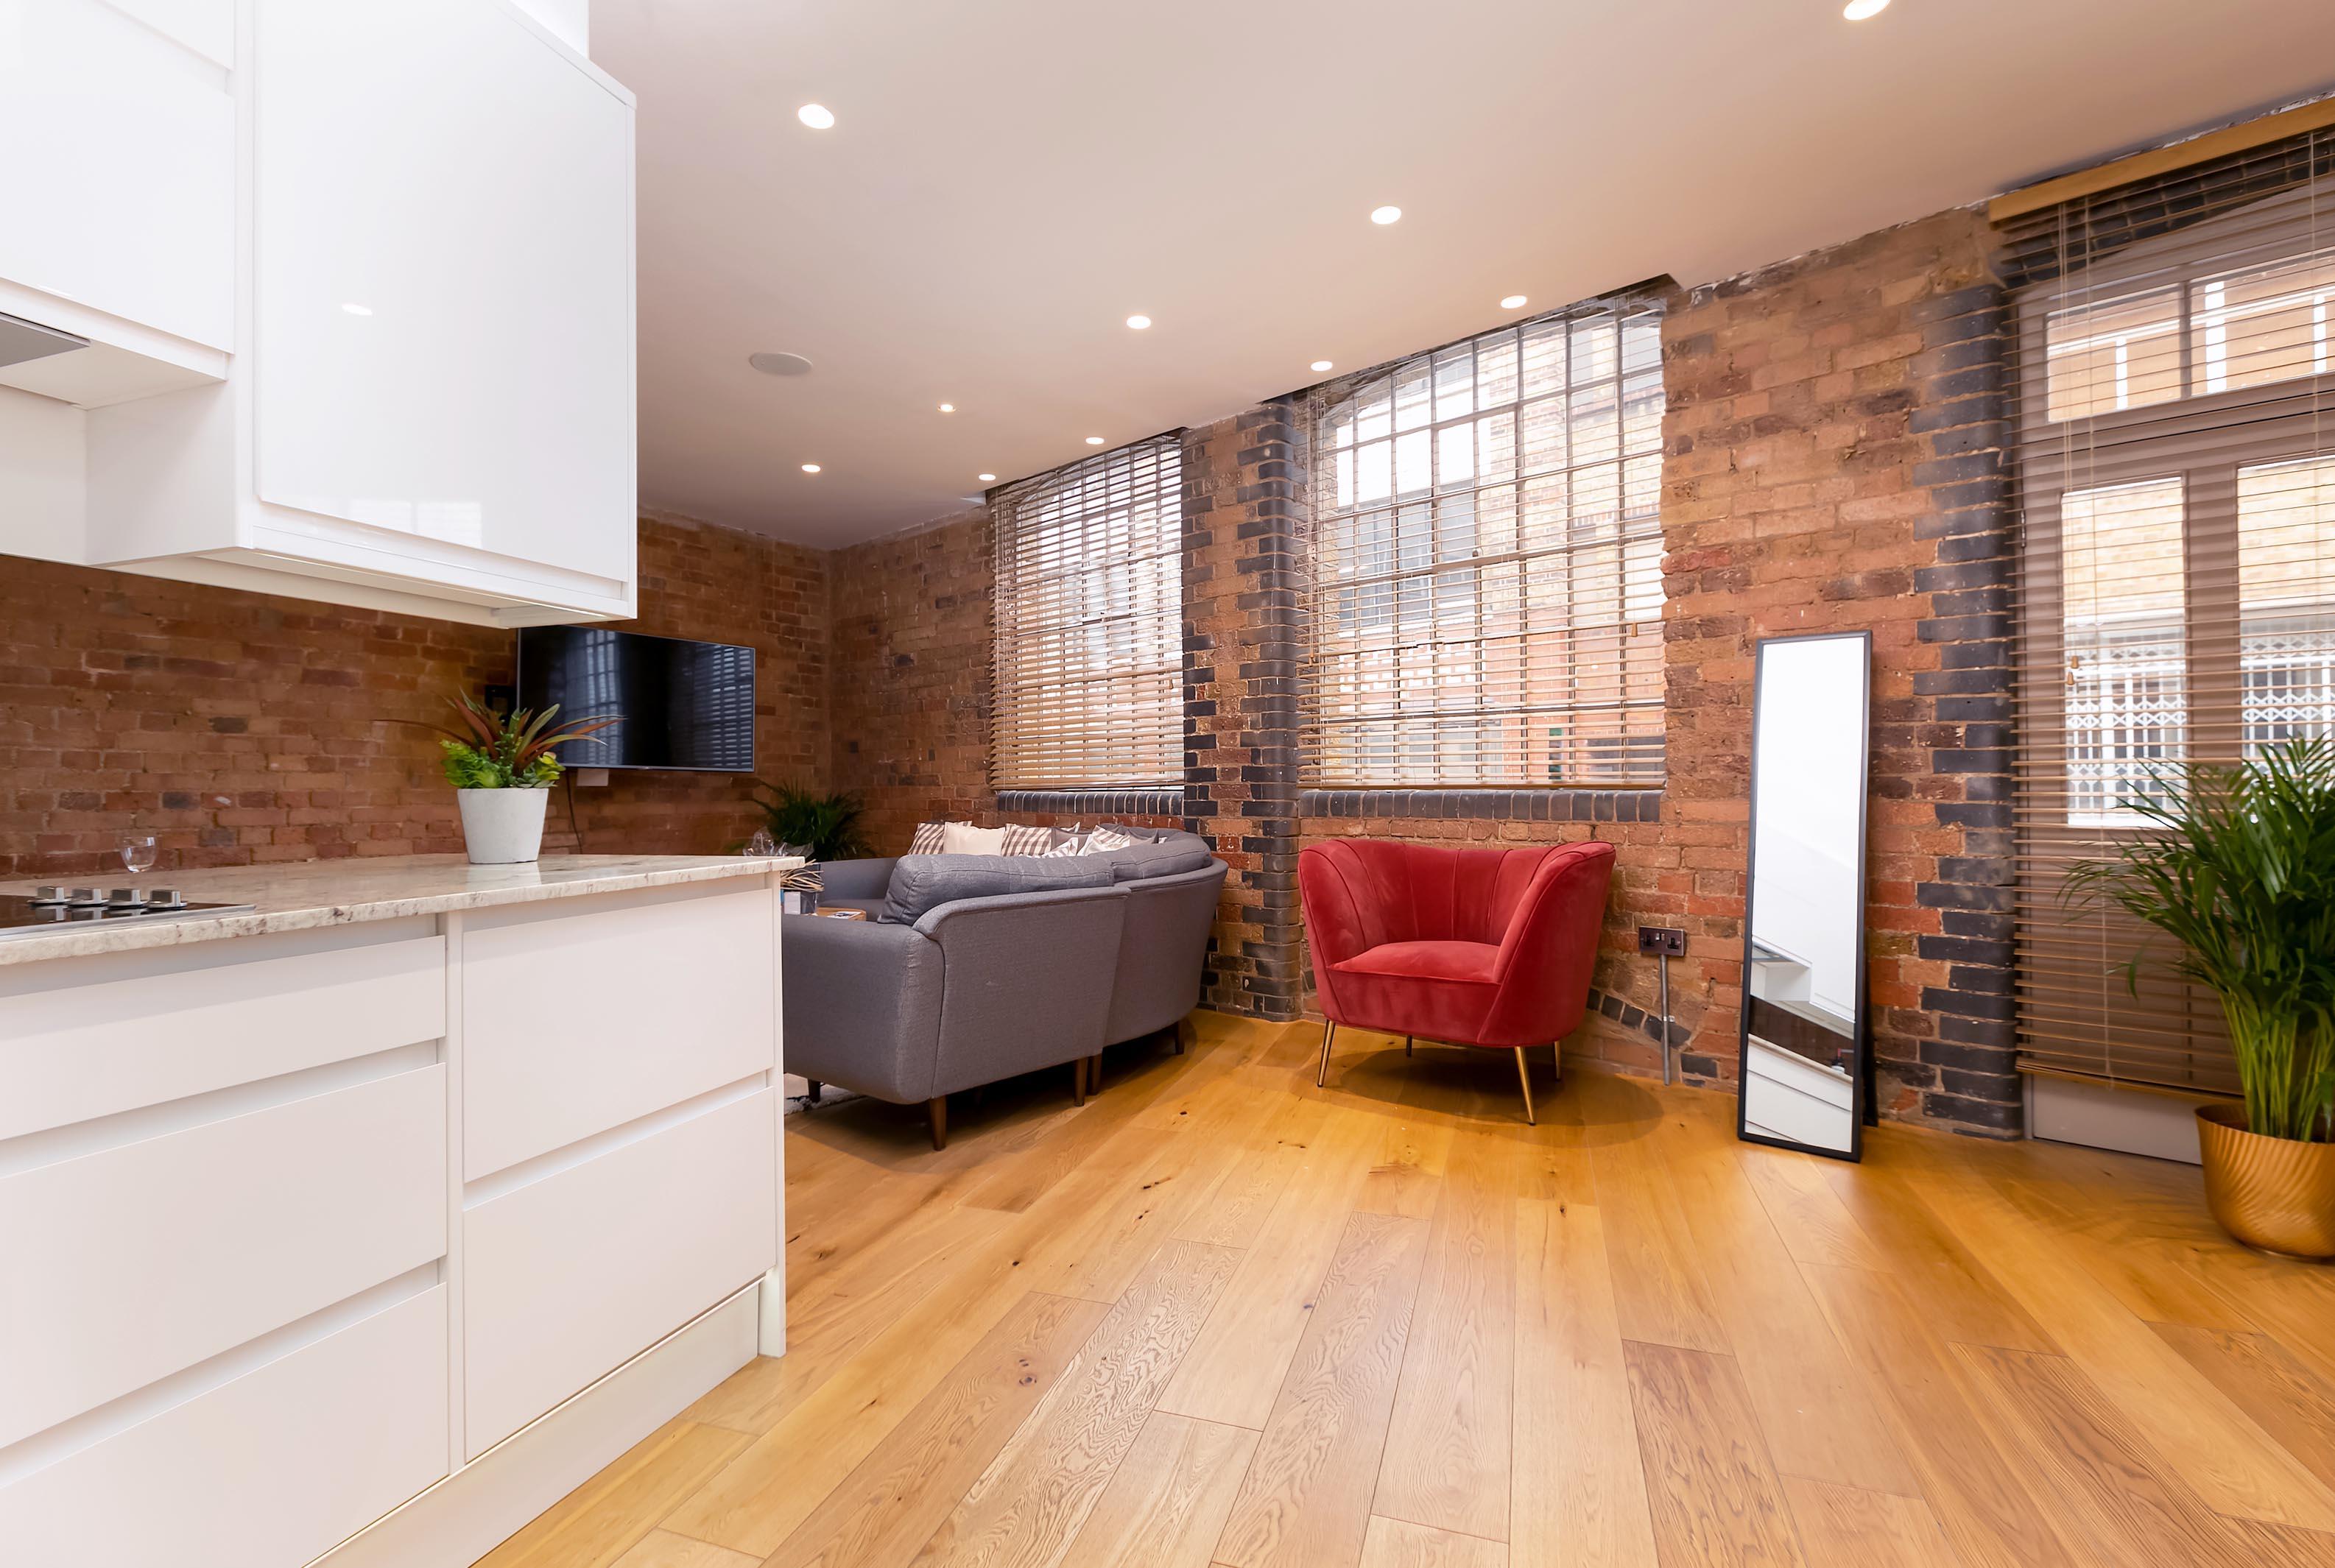 Lovelydays luxury service apartment rental - London - Fitzrovia - Wells Mews B - Lovelysuite - 2 bedrooms - 2 bathrooms - Luxury kitchen - 21b9896a6f8f - Lovelydays